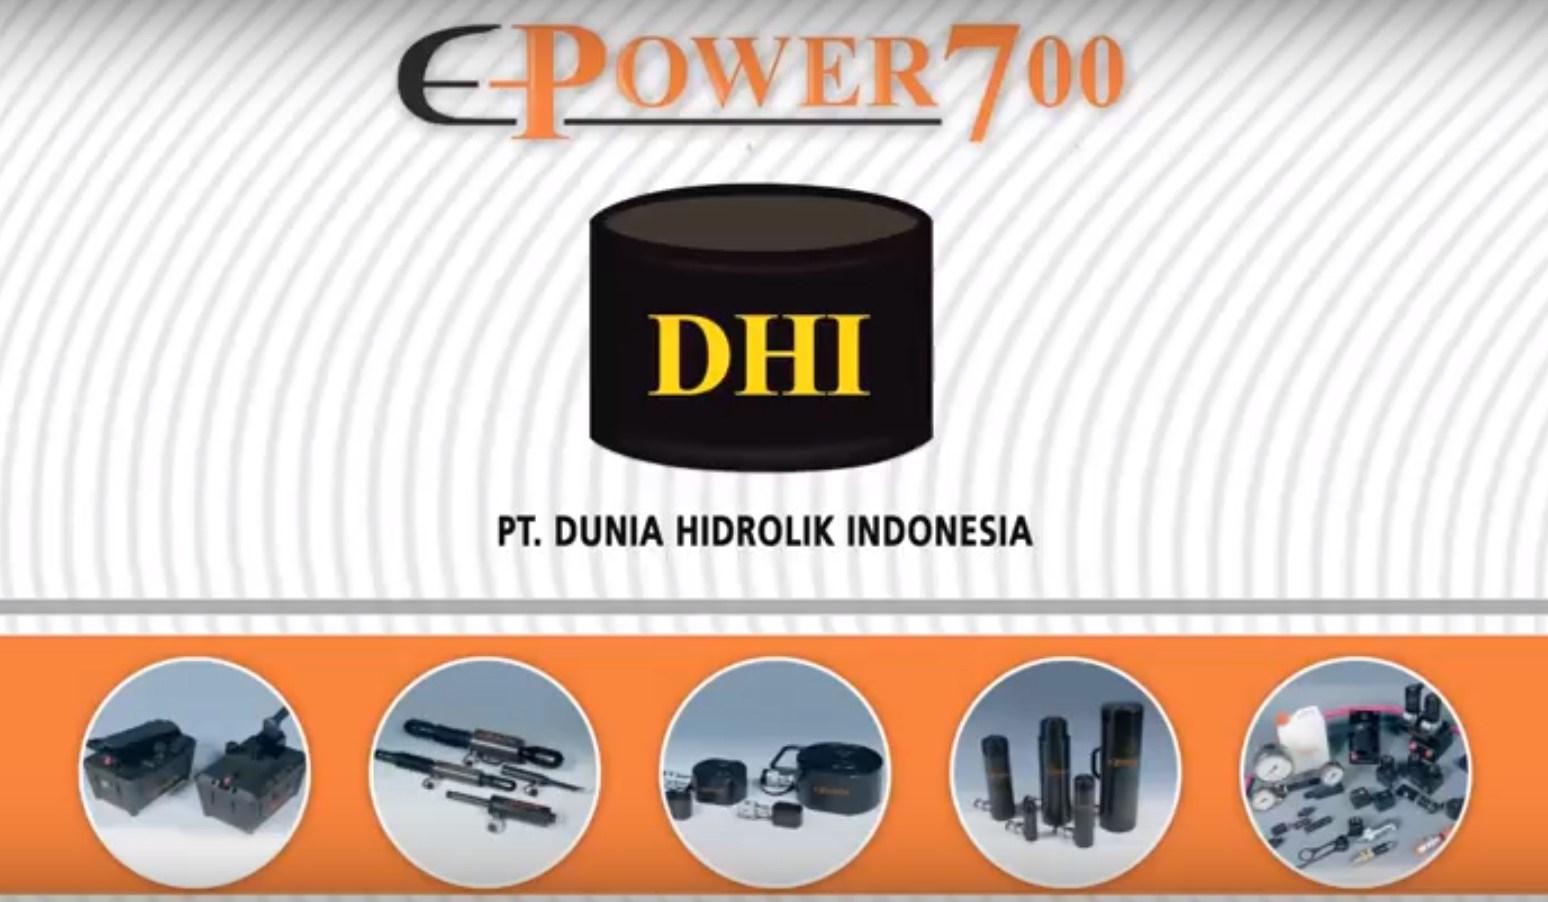 PT DUNIA HIDROLIK INDONESIA